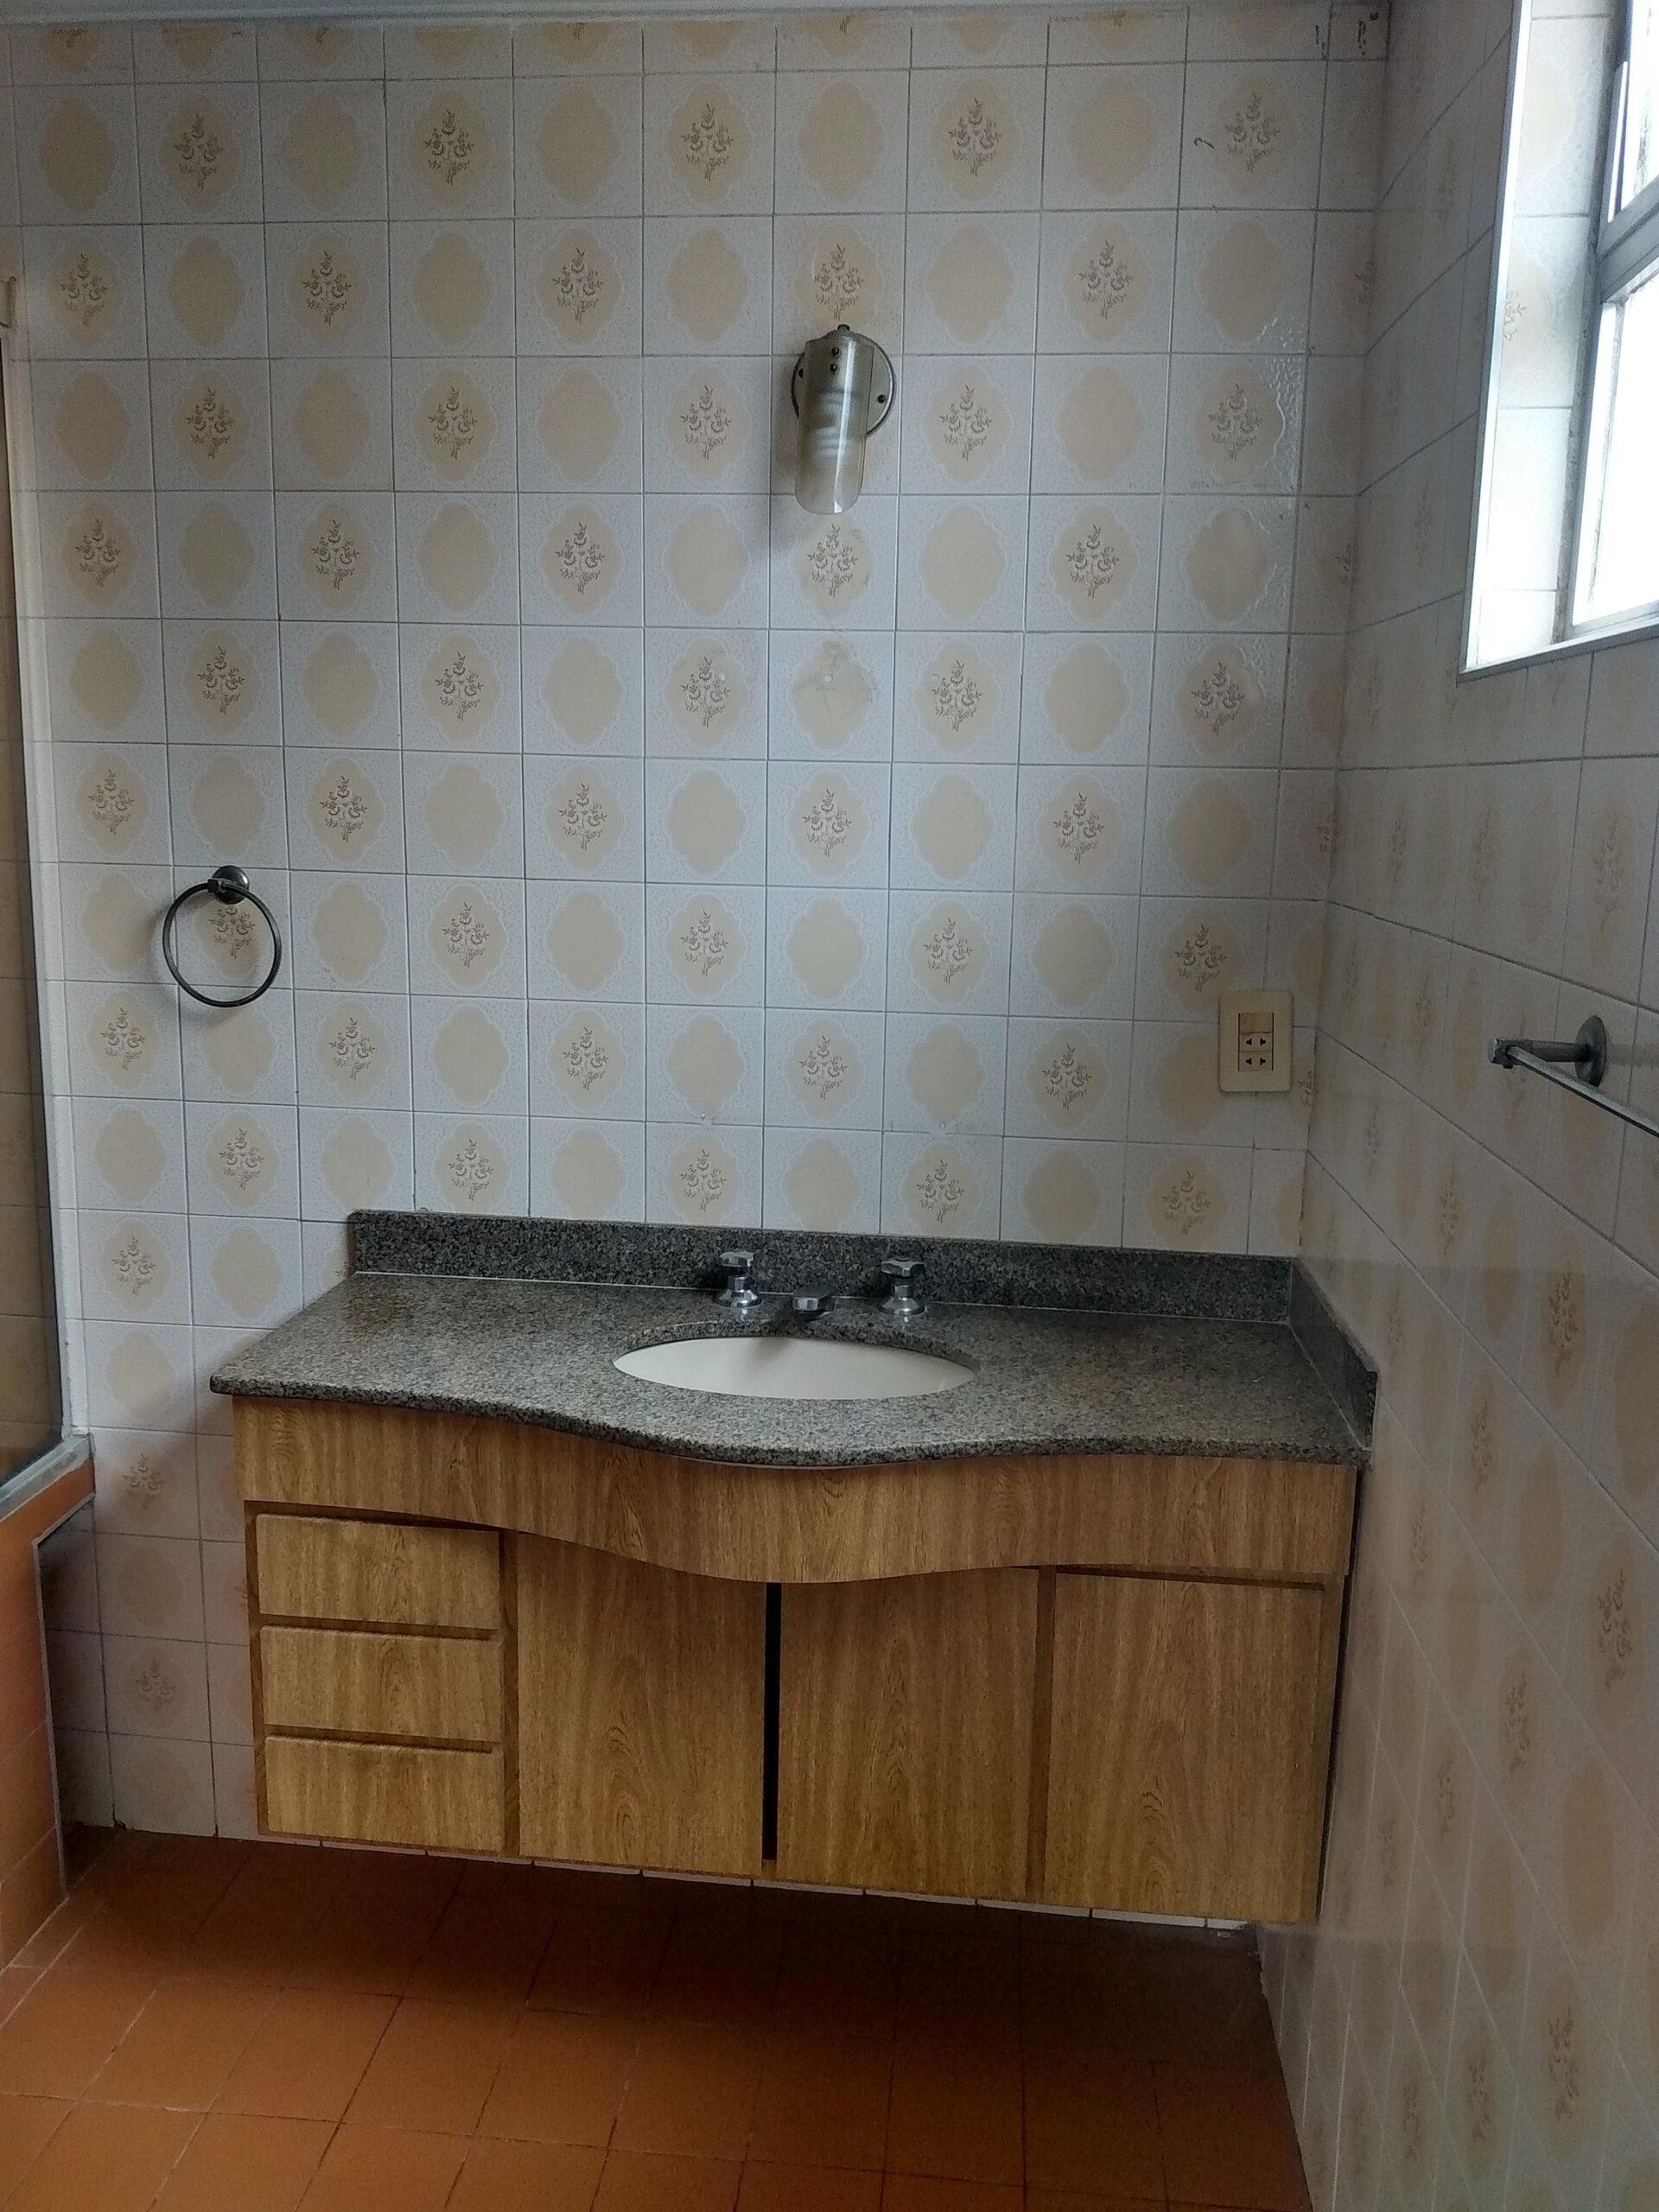 Amplo apartamento no Gonzaga, com ótima vista Livre, 02 dormitórios com armários embutidos, com uma suíte, com dependência completa de empregada. - foto 23